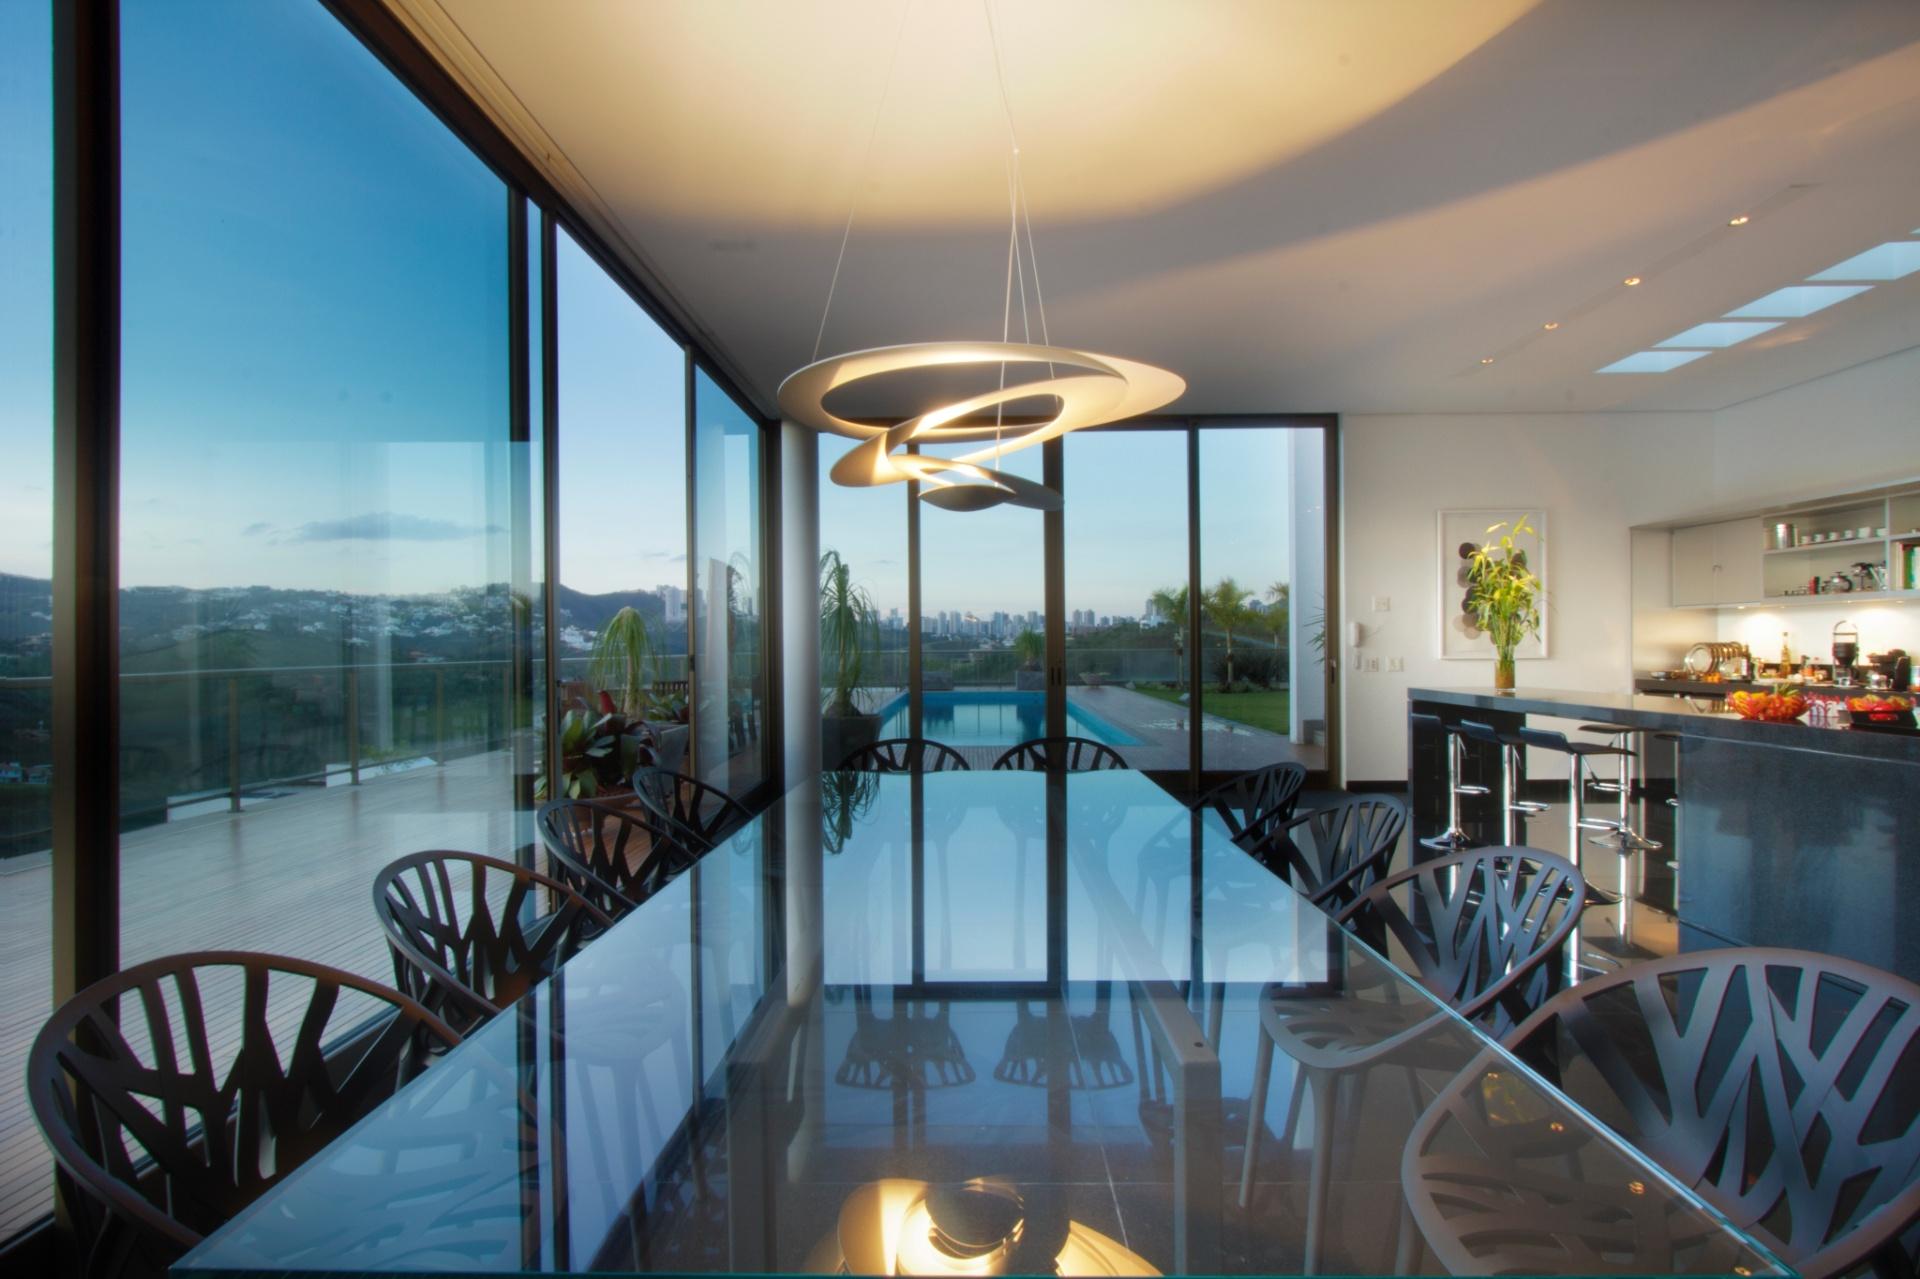 A sala de jantar integrada à cozinha é o último ambiente da longa área frontal, social e contínua da Casa Galeria. Seus fechamentos laterais são transparentes (vidro) e encaixados nas portas de correr de alumínio anodizado, que se abrem para a piscina e para a paisagem urbana de Belo Horizonte. Ao fundo, o balcão foi executado em granito preto, acompanhando o mesmo material do piso nesta área (Ergramar). A arquitetura é assinada pelo escritório MACh Arquitetos